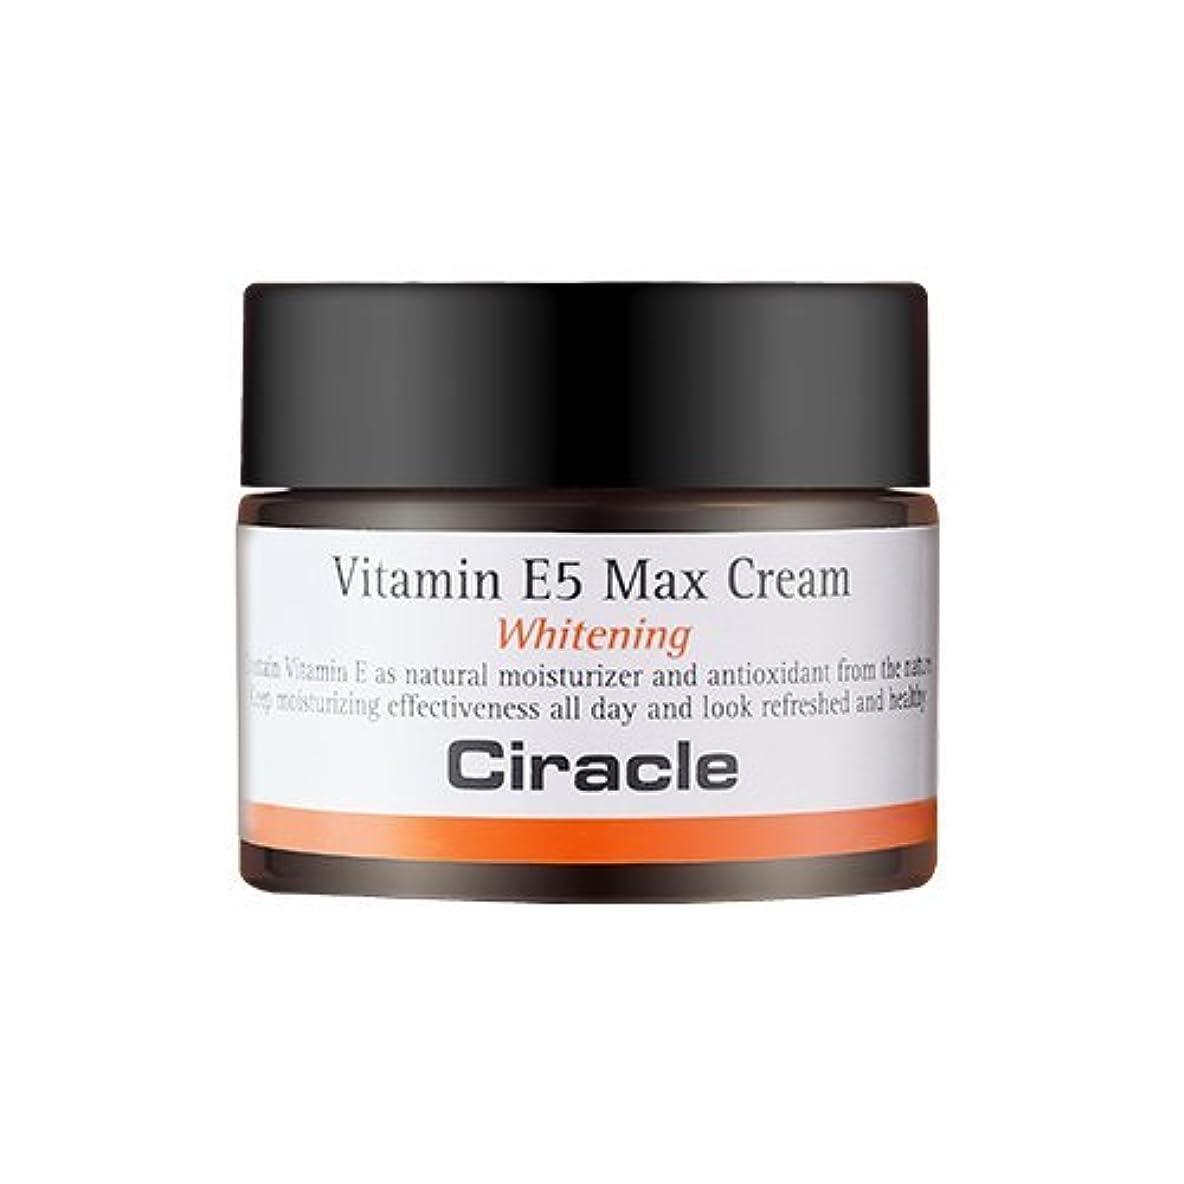 交響曲不規則性飛ぶCiracle Vitamin E5 Max Cream シラクル ビタミンE5 マックス クリーム 50ml [並行輸入品]